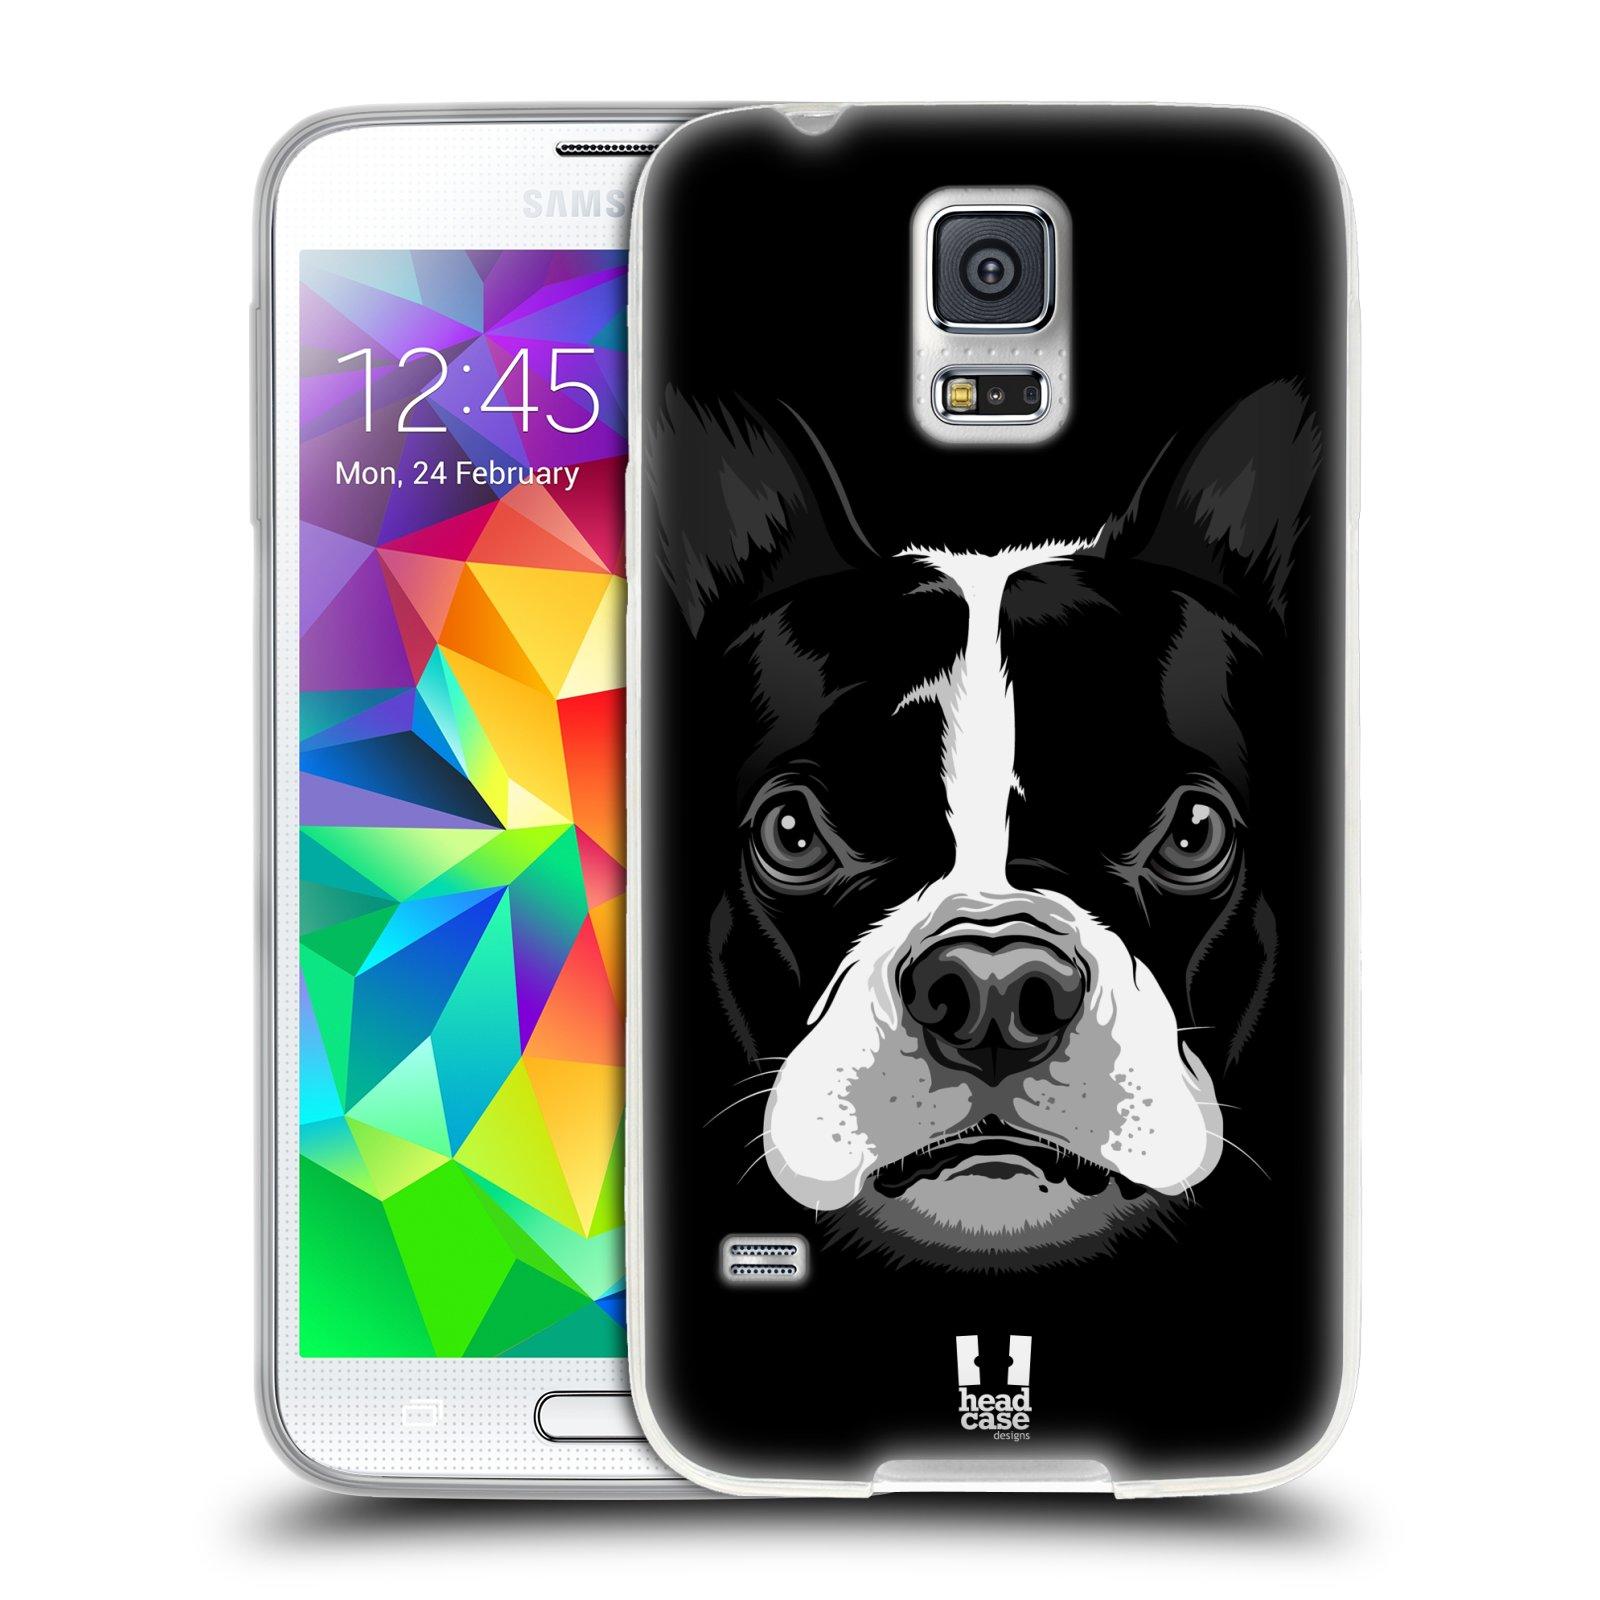 Silikonové pouzdro na mobil Samsung Galaxy S5 HEAD CASE ILUSTROVANÝ BULDOČEK